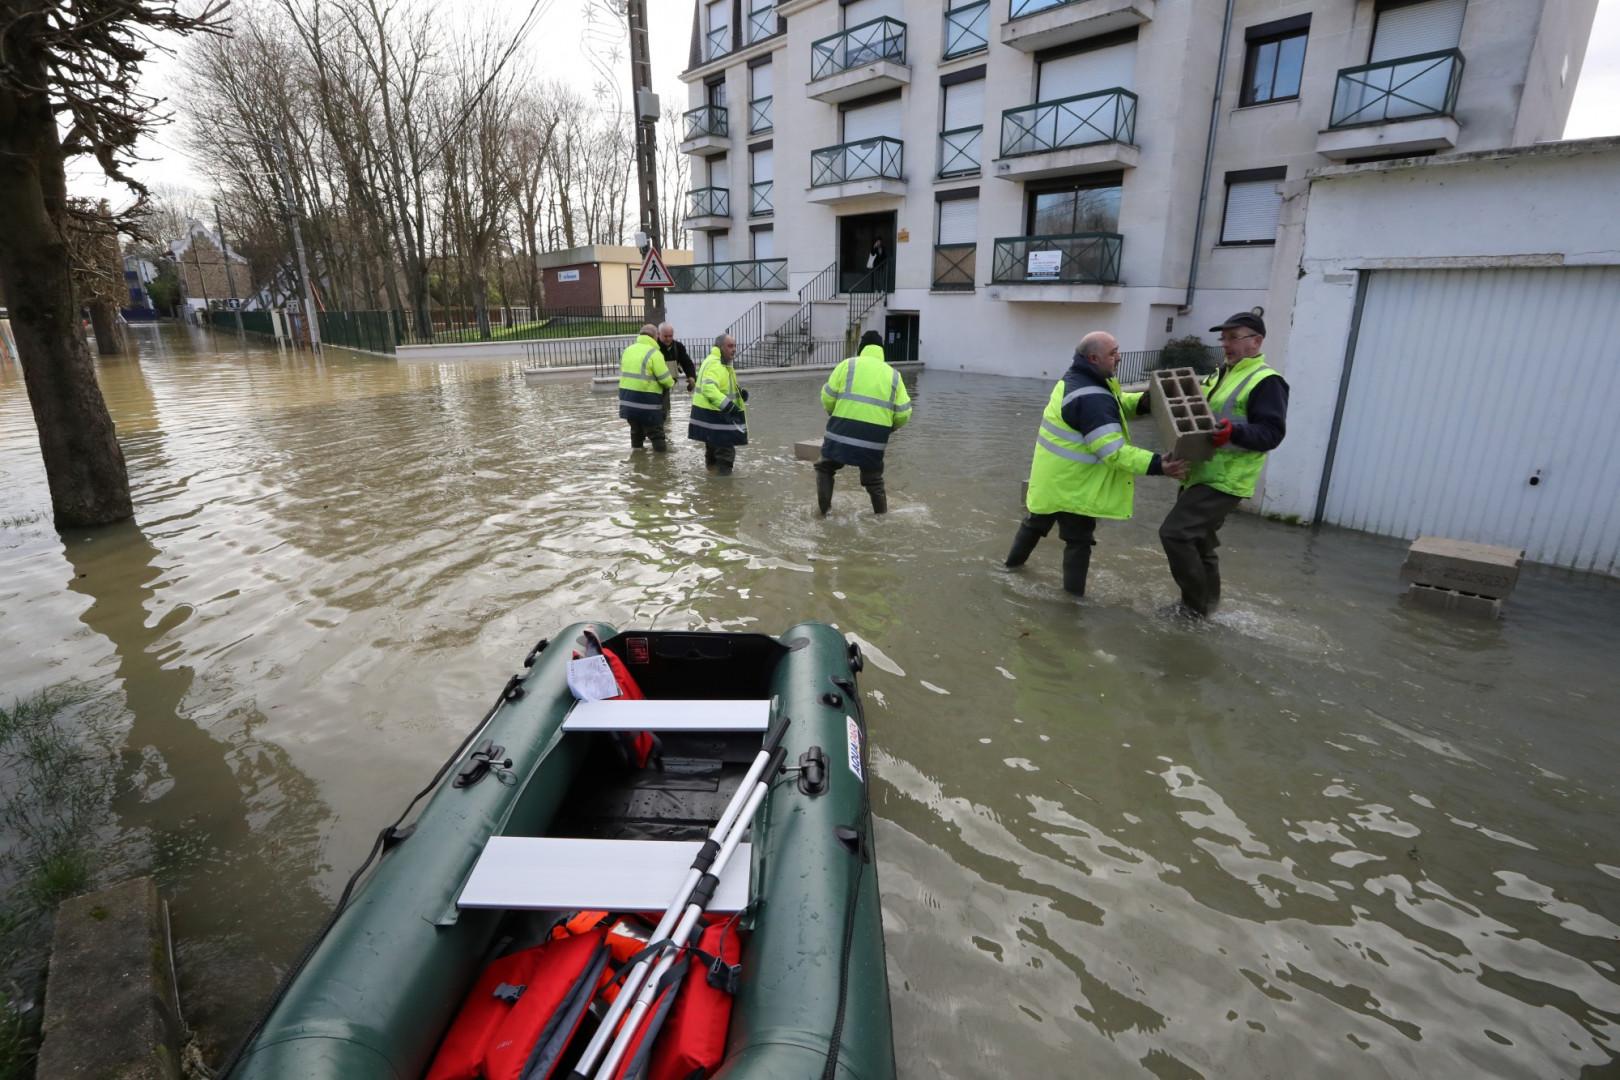 Des employés municipaux apportent leur pierre à l'édifice pour parer aux inondations à Gournay-sur-Marne (Seine-Saint-Denis) le 2 février 2018